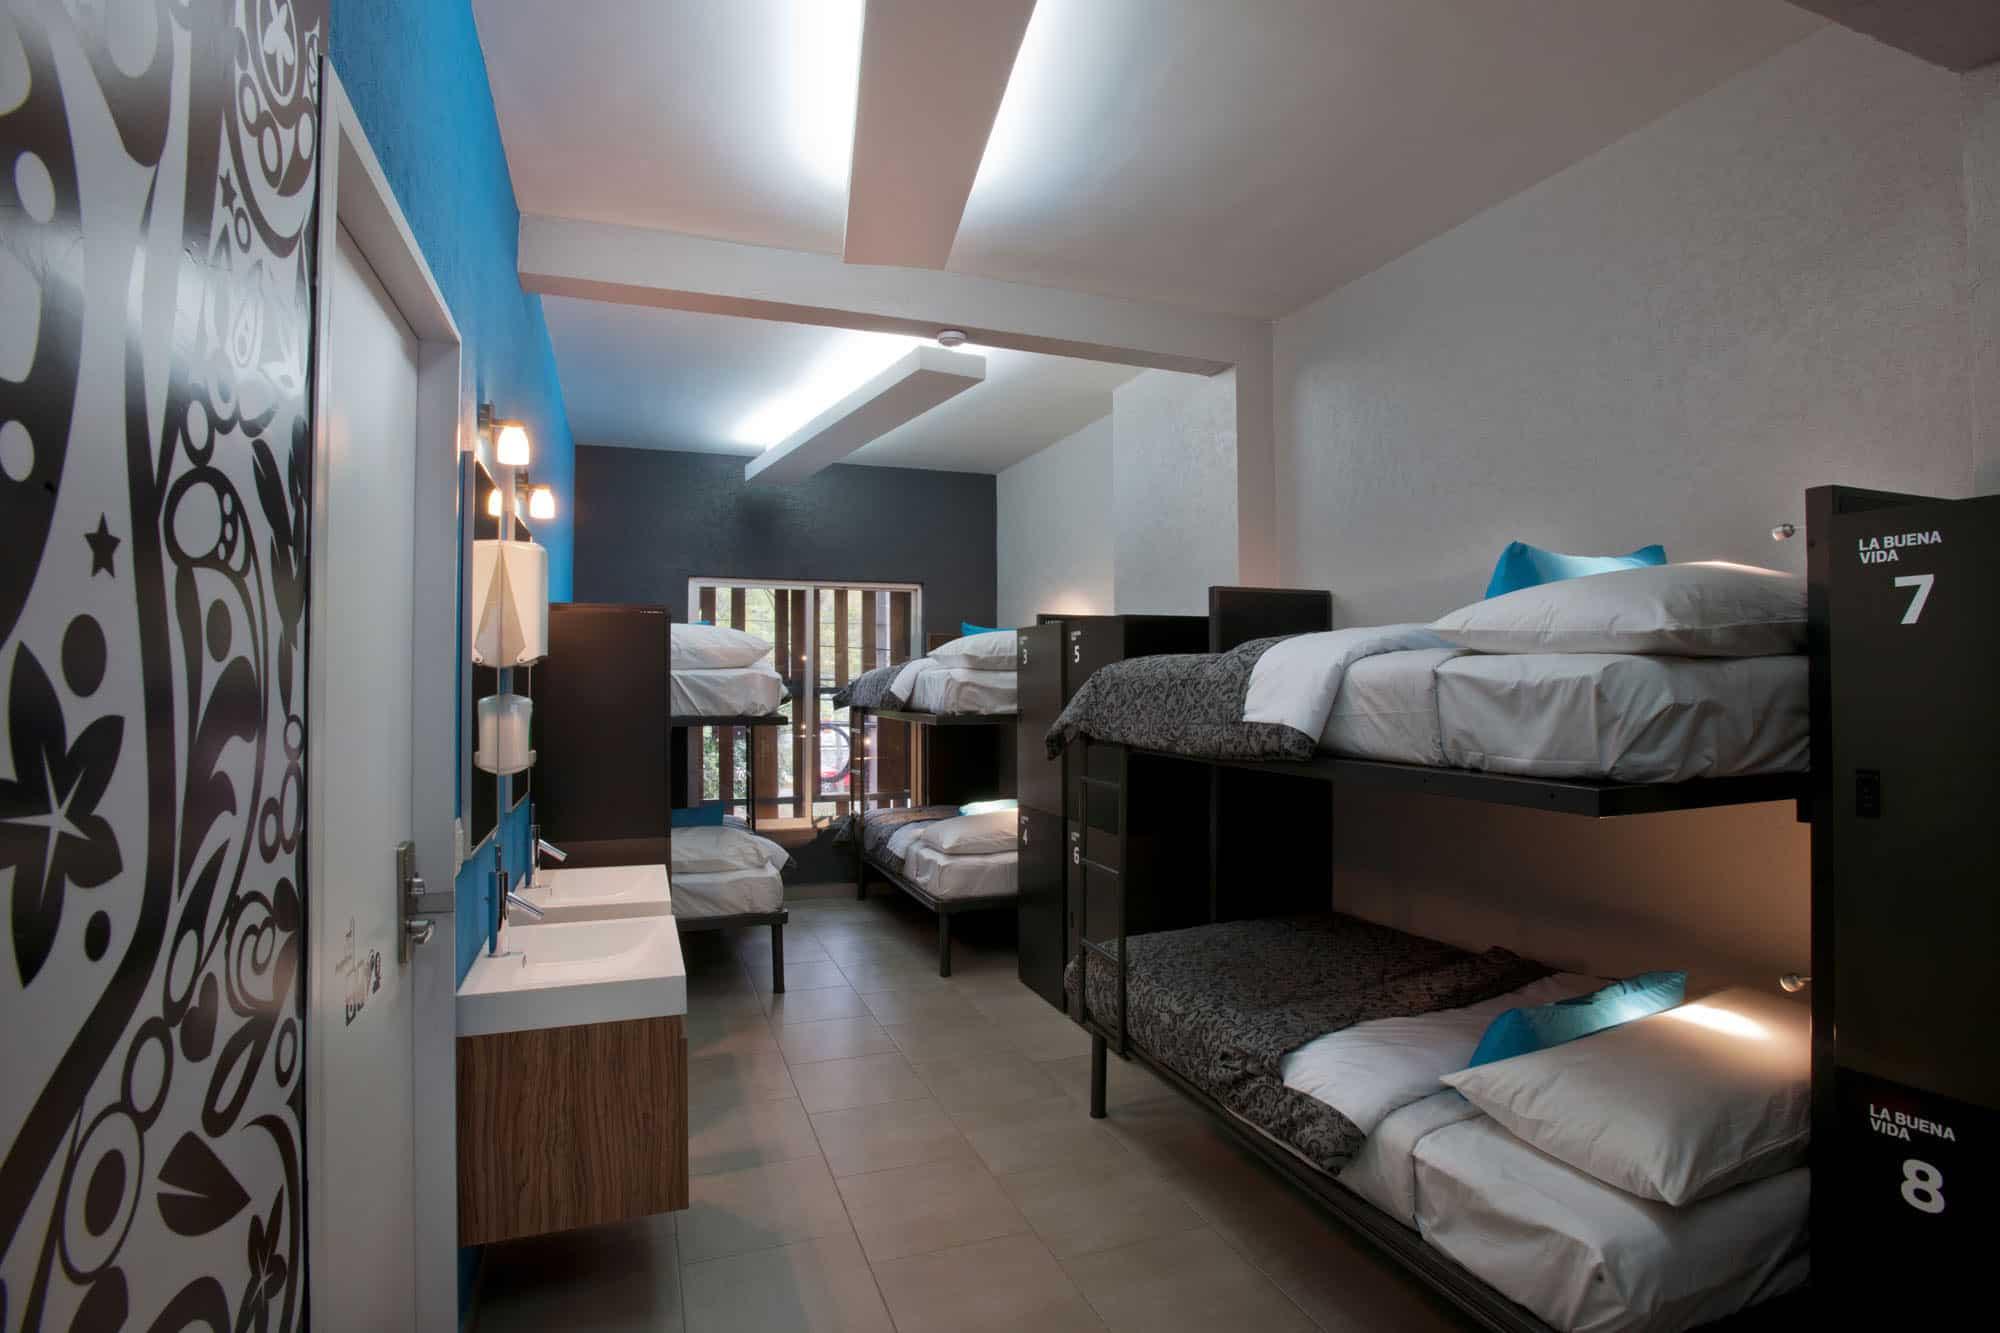 Hostal La Buena Vida by ARCO Arquitectura Contemporánea (6)